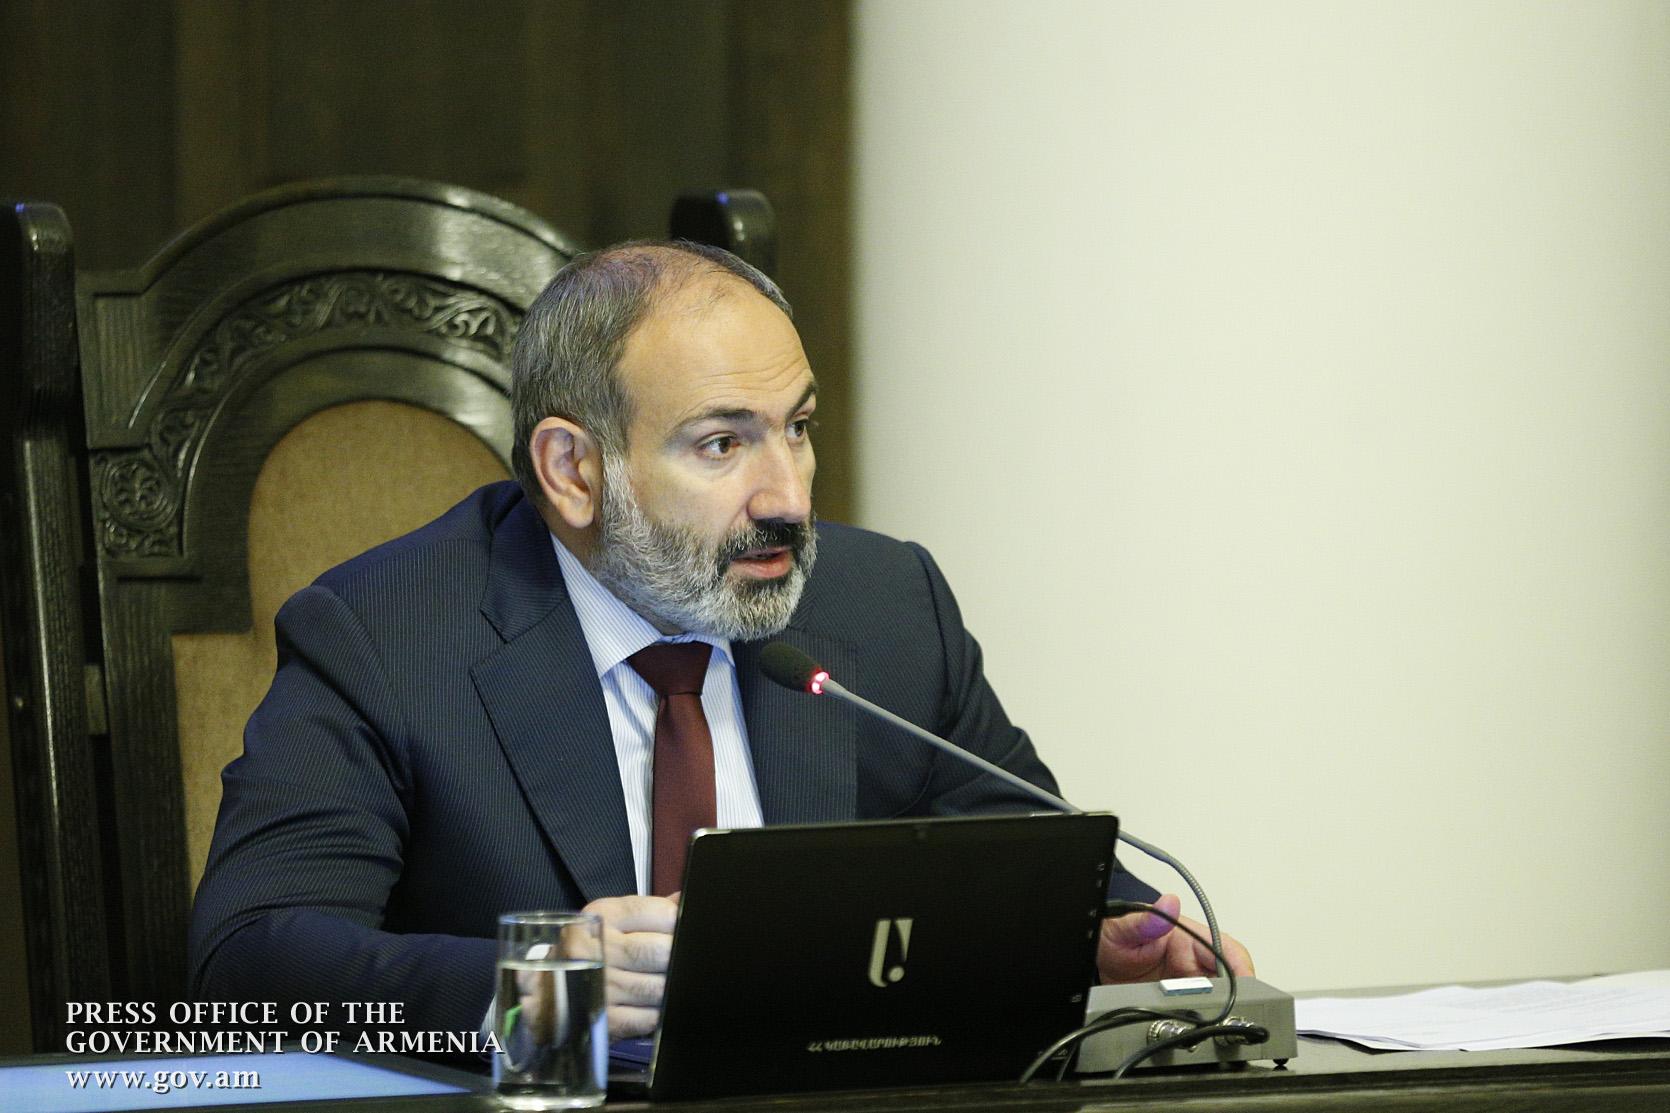 Հունվարի 1-ից Հայաստանում կենսաթոշակները 10 տոկոսով կբարձրանան